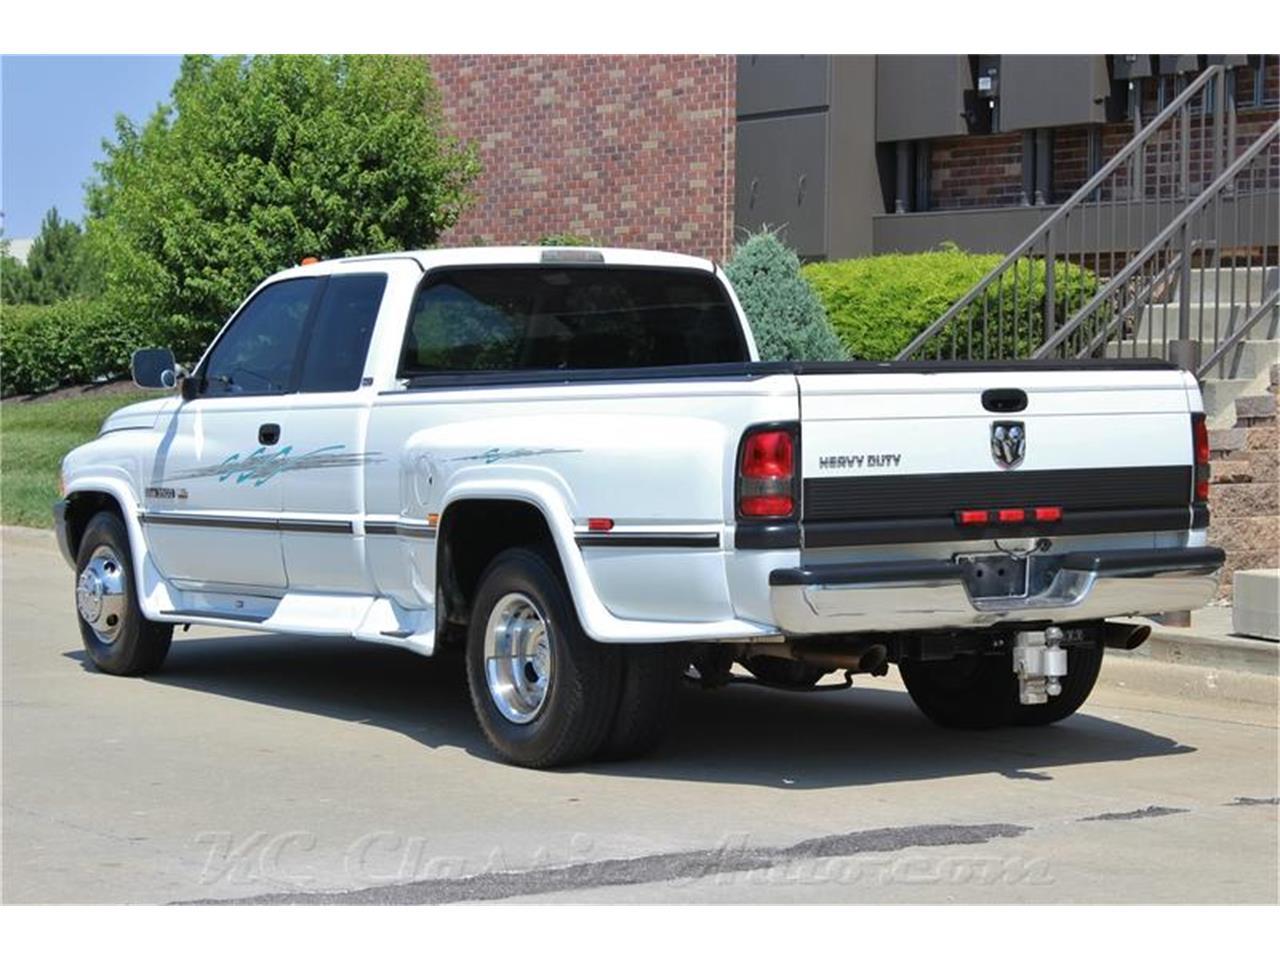 1996 dodge ram 3500 slt laramie dually v10 low miles. Black Bedroom Furniture Sets. Home Design Ideas